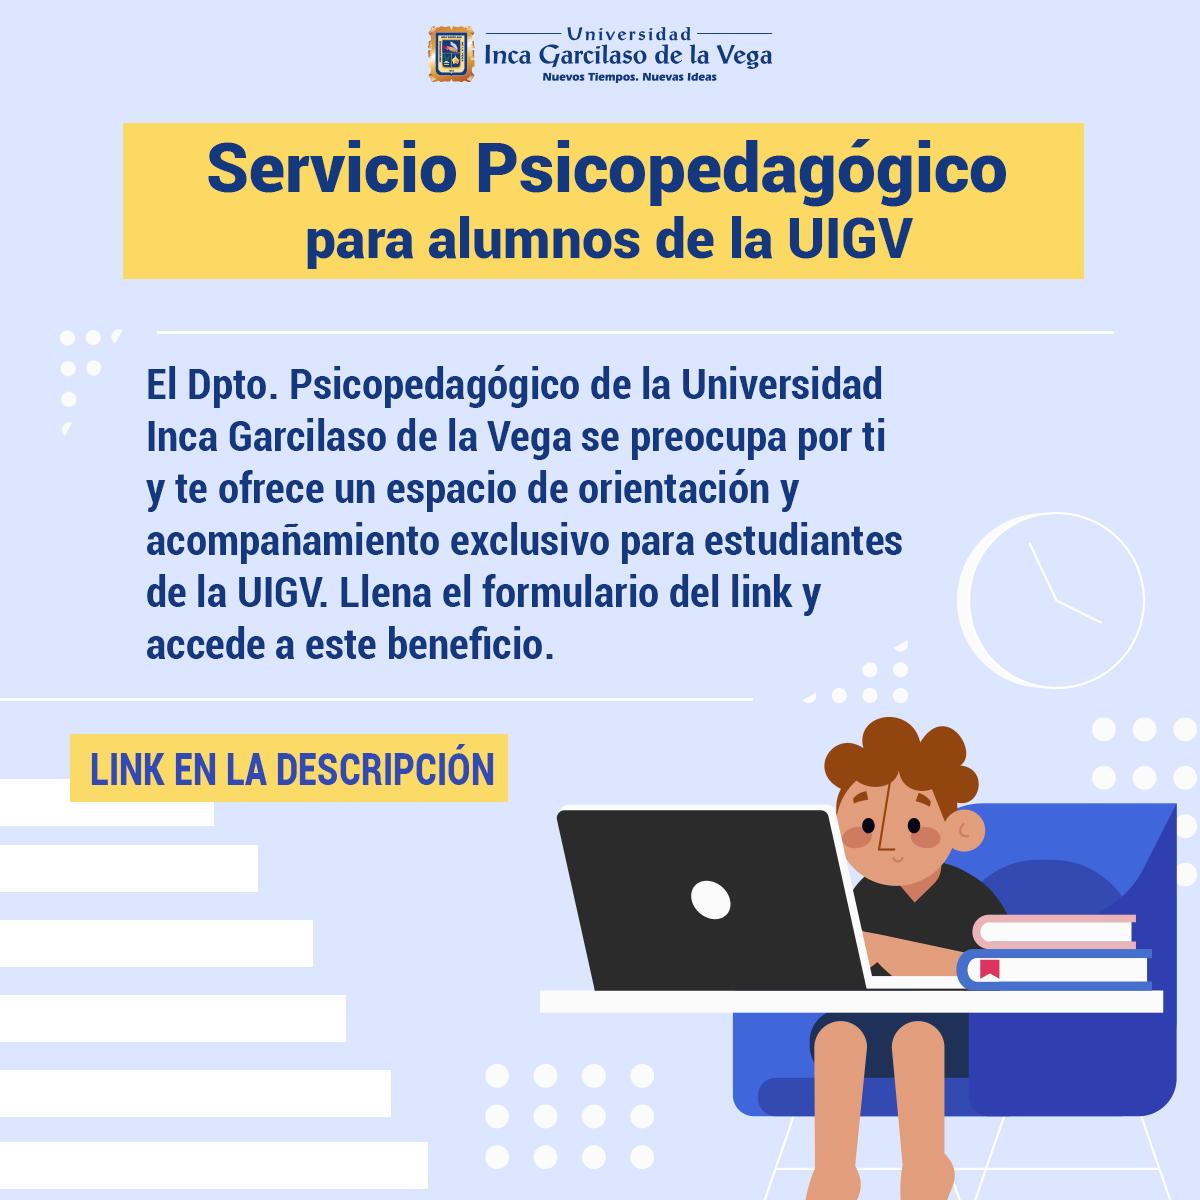 redes servicio psicopedagogico 2